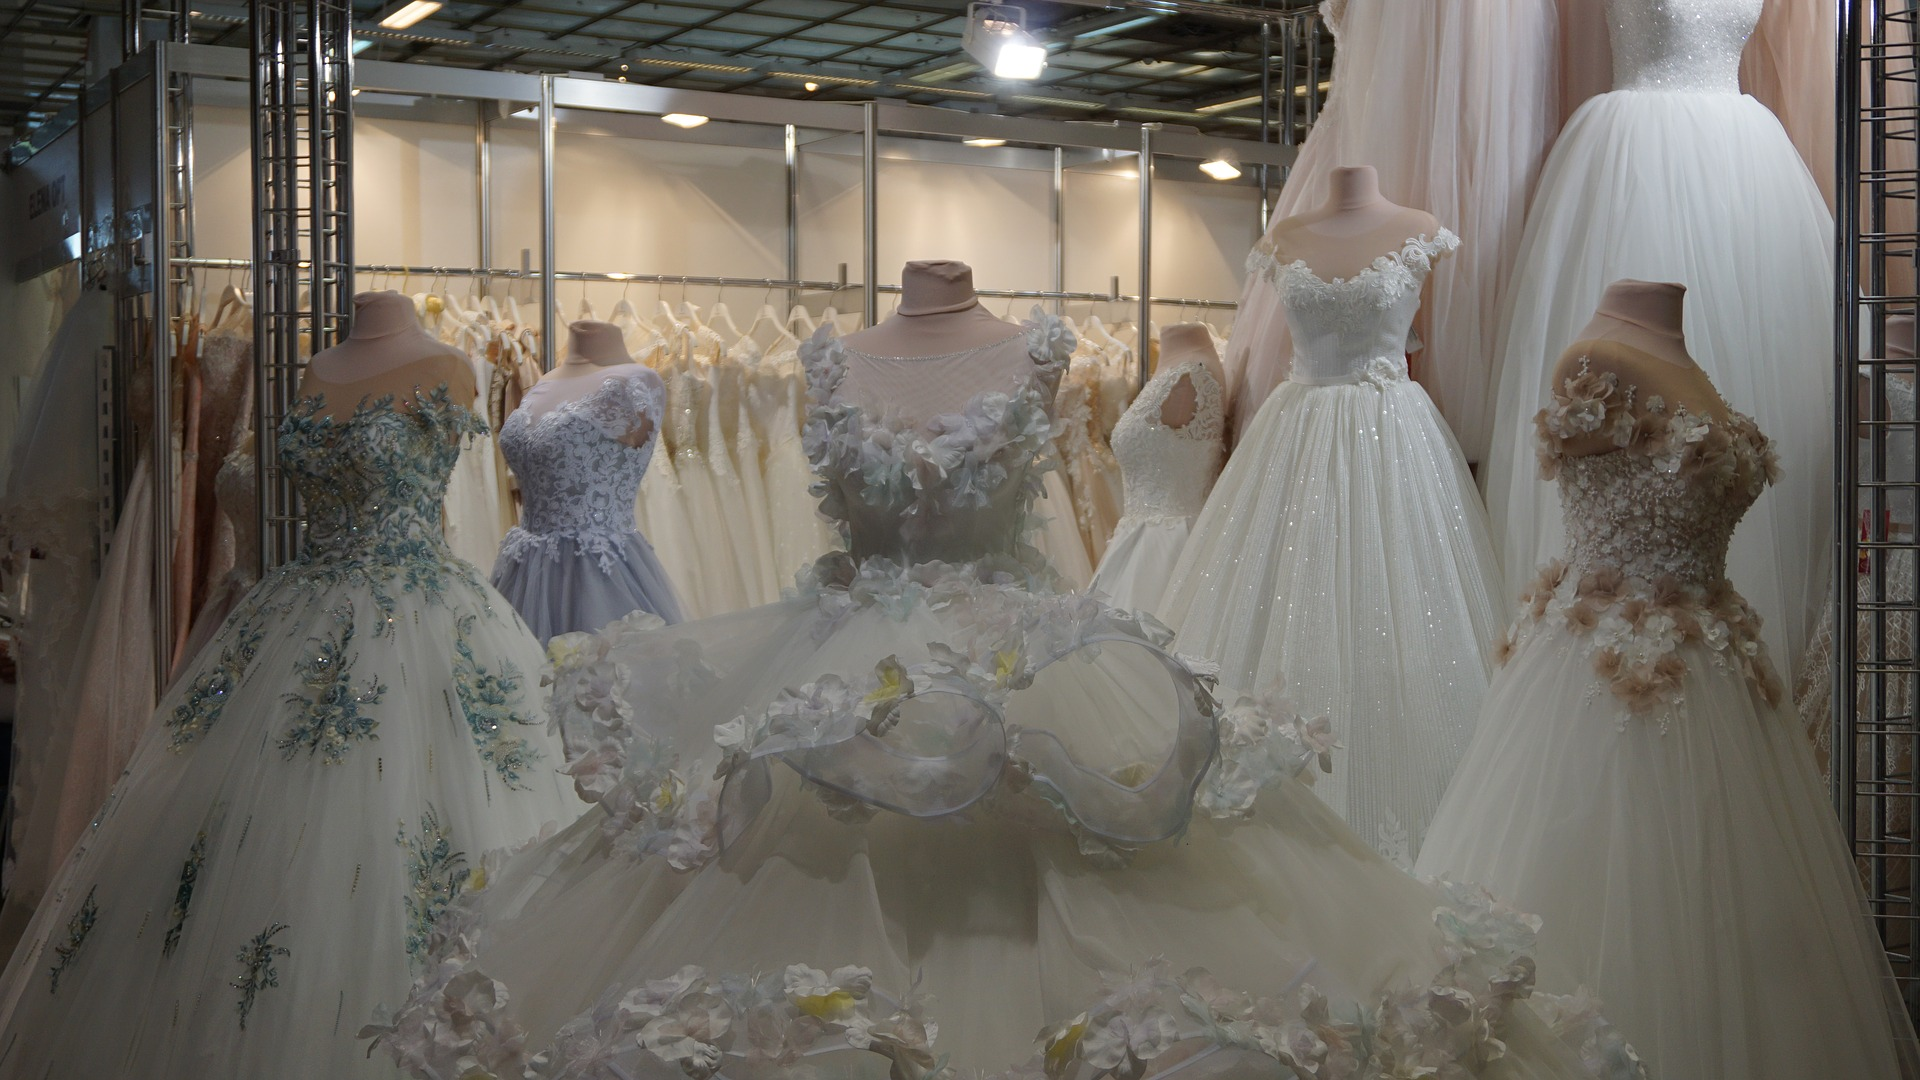 wedding-2686712_1920.jpg